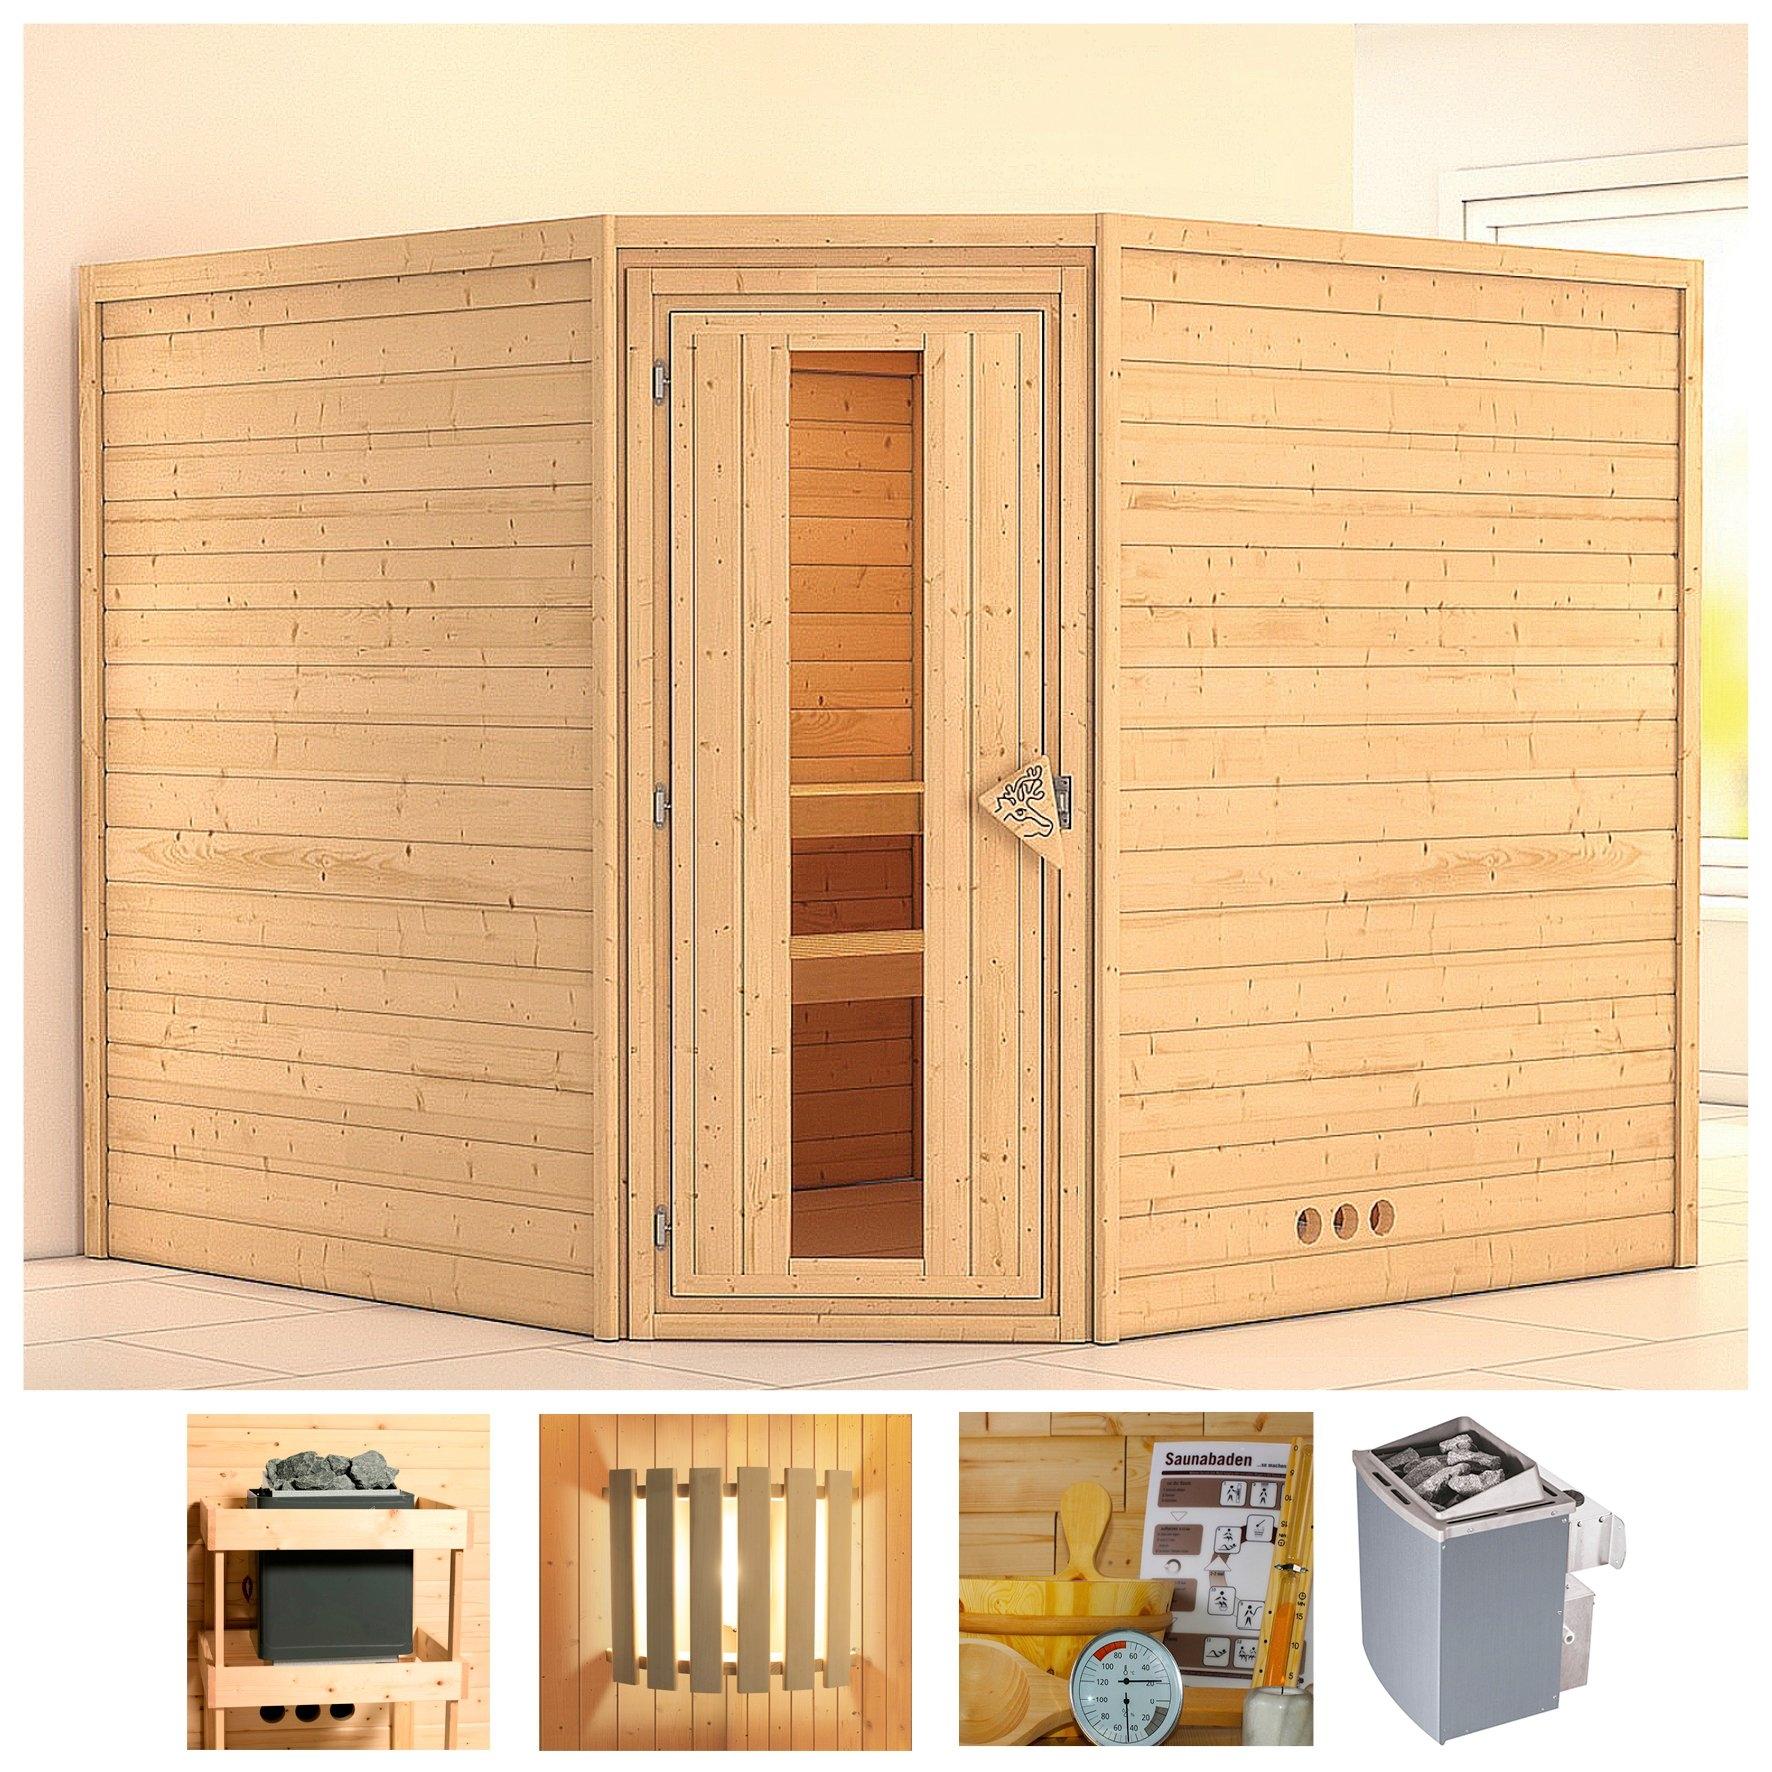 Op zoek naar een Konifera sauna »Leona«, 231/231/200 cm, 9-kW-Ofen mit int. Steuerung, Holztür? Koop online bij OTTO